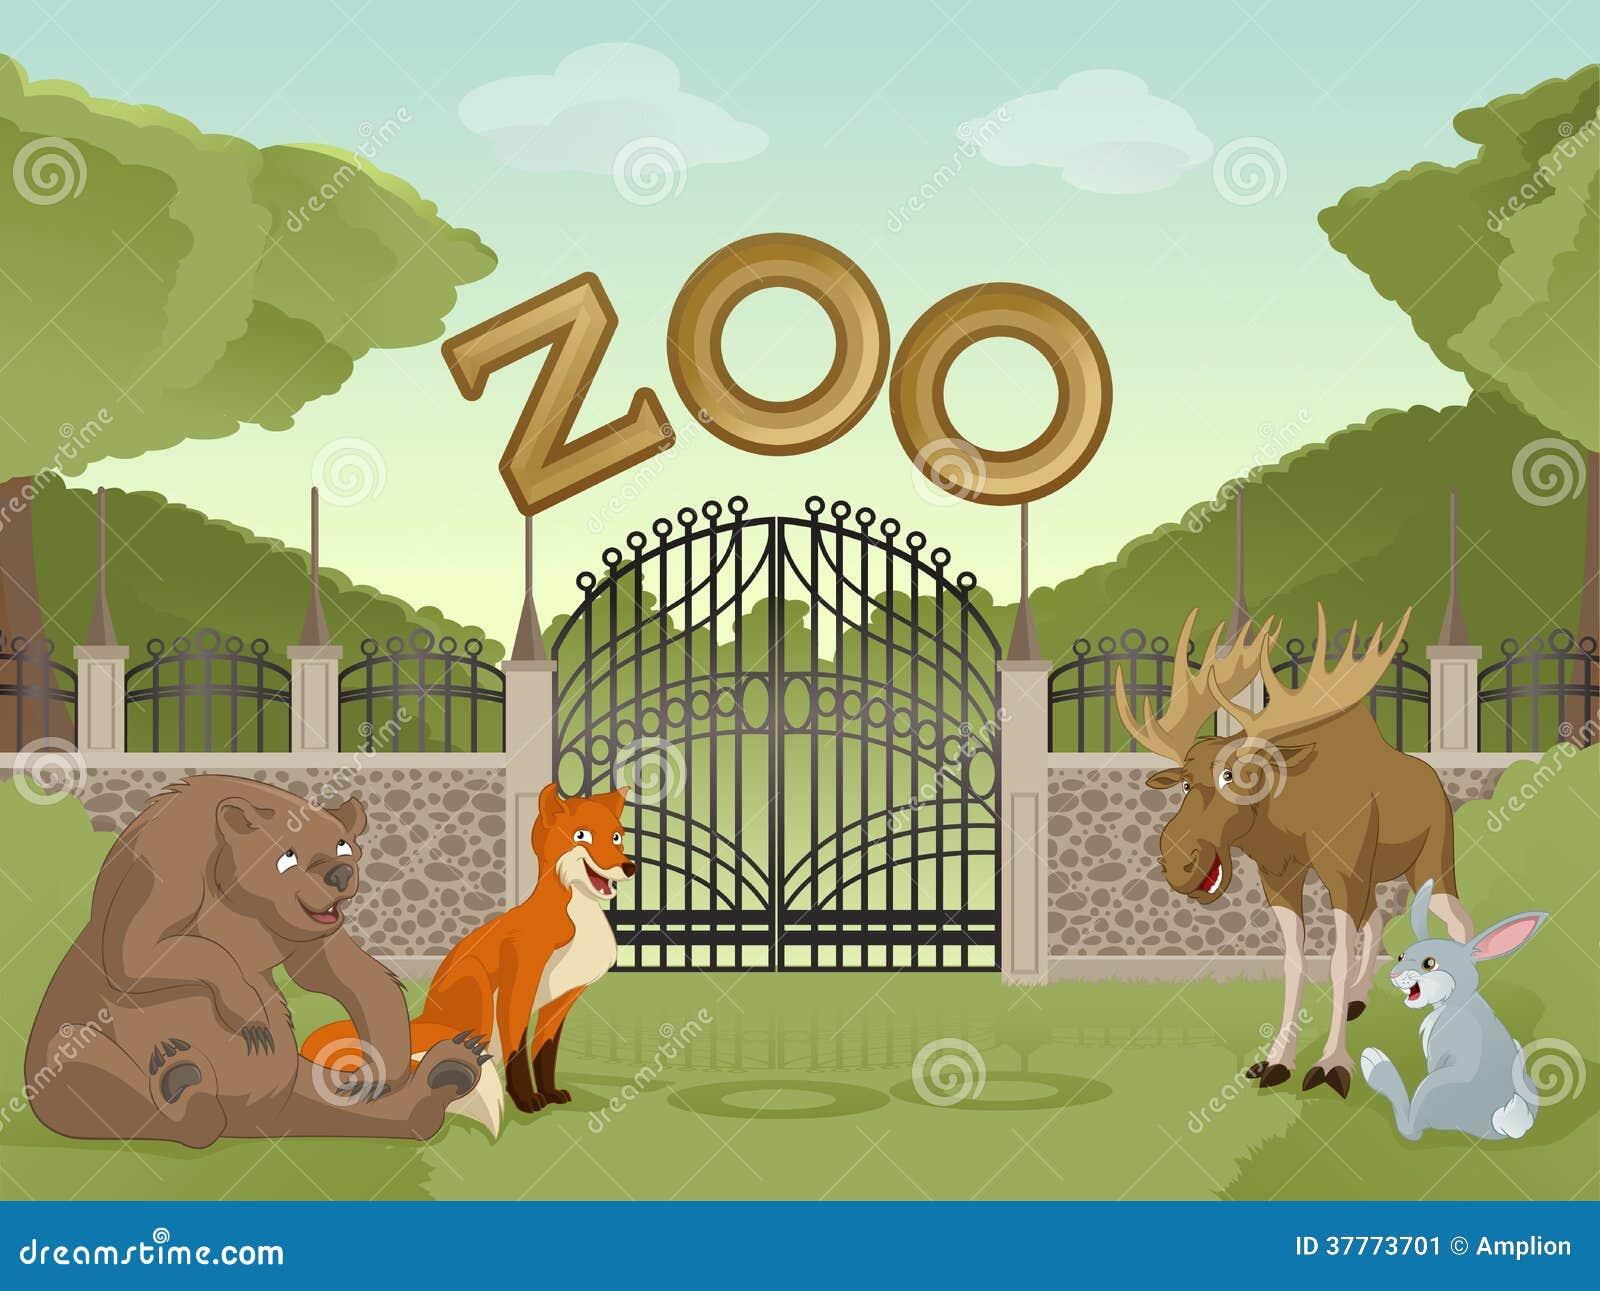 Zoológico De Animais Bebê Dos Desenhos Animados Vetor: Jardim Zoológico Com Animais Dos Desenhos Animados